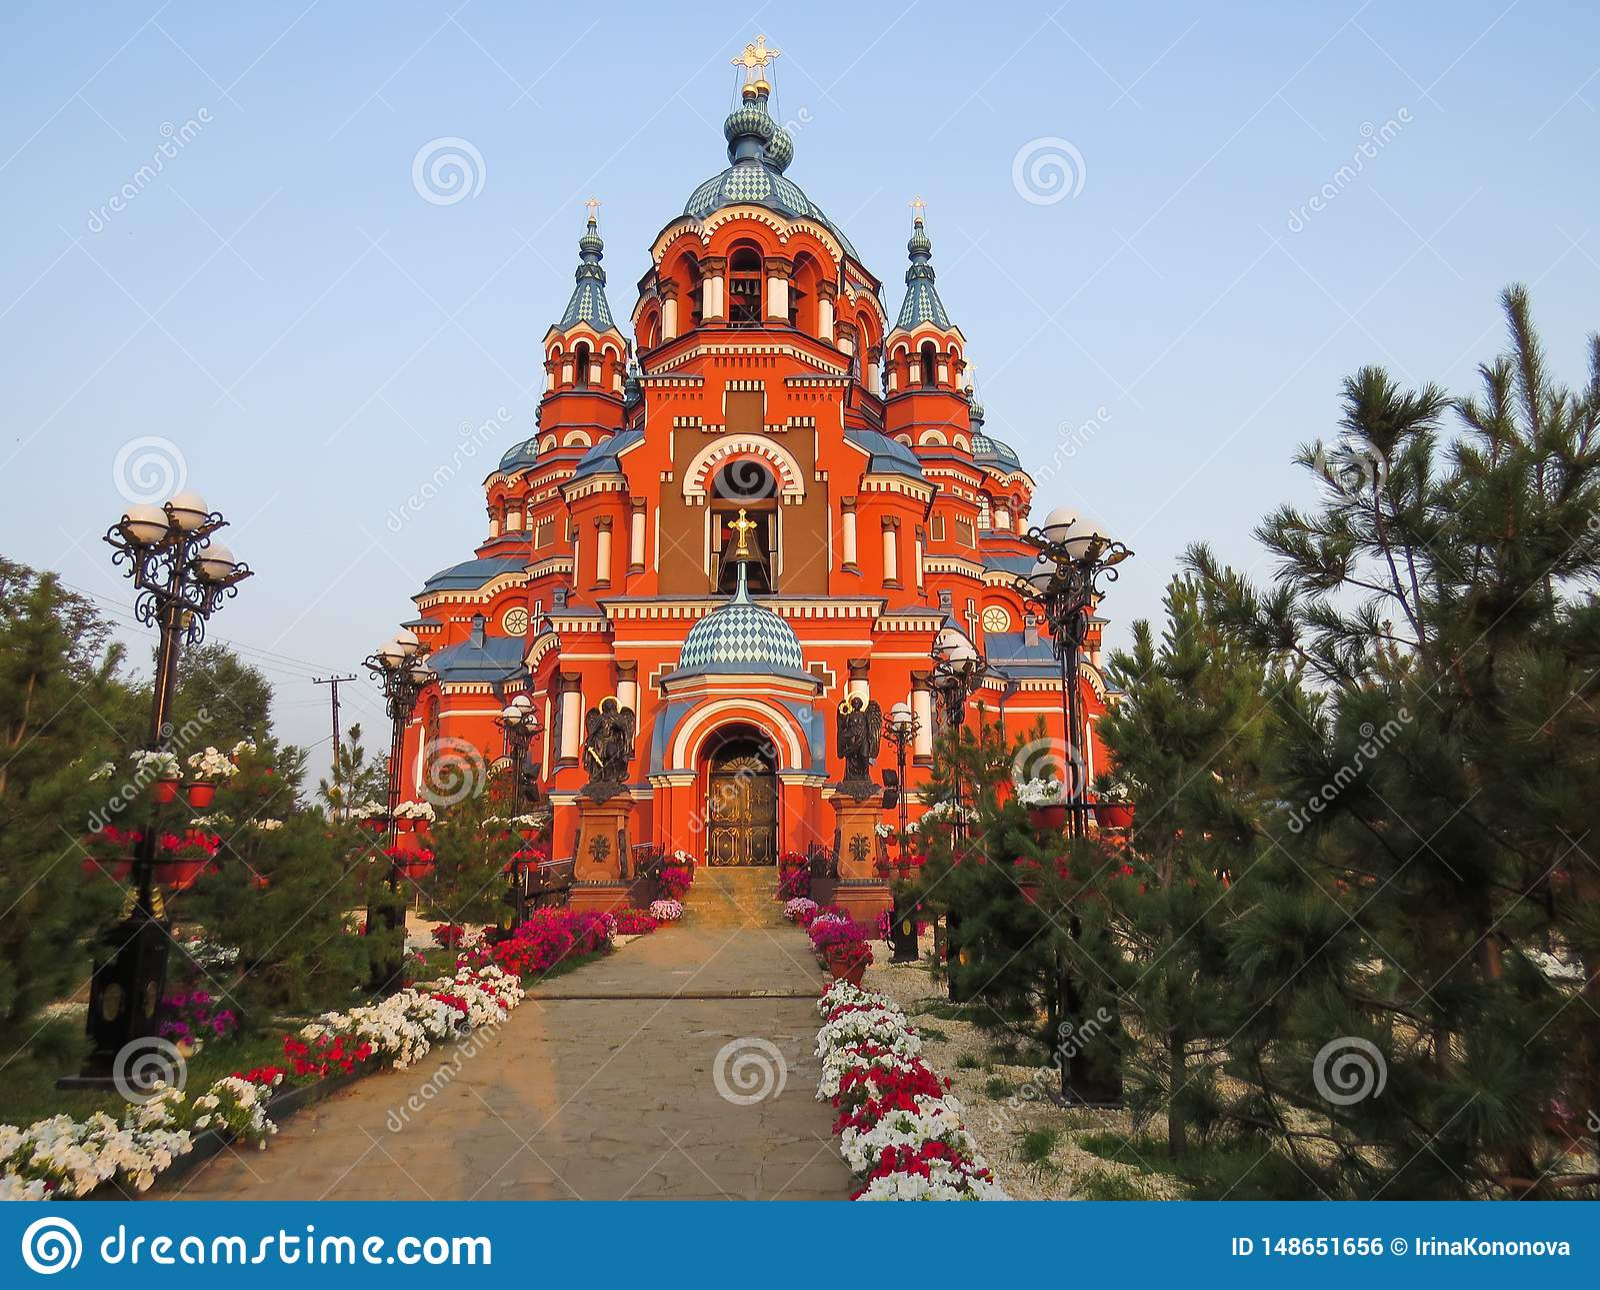 Άποψη του καθεδρικού ναού του Kazan εικονιδίου της μητέρας του Θεού στην πόλη του Ιρκούτσκ